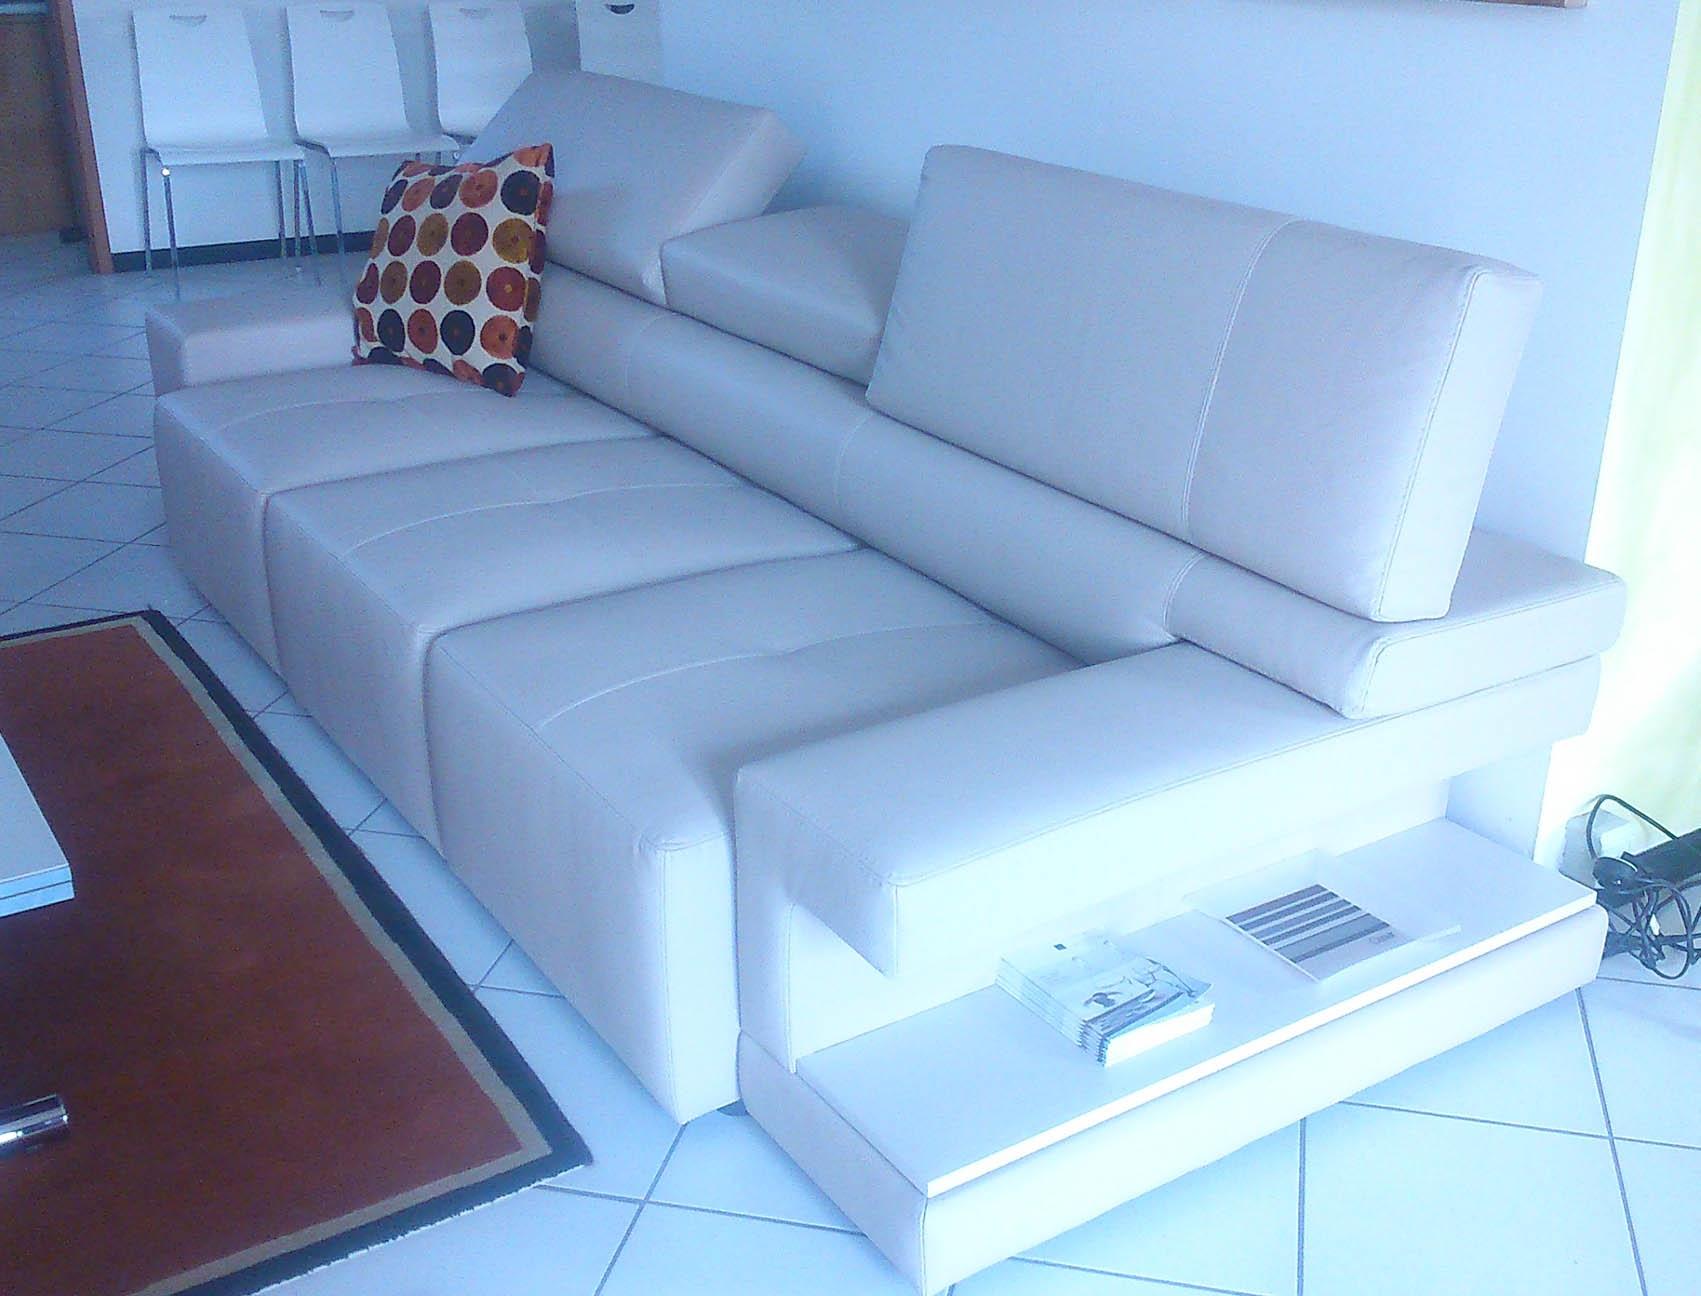 Divano exc gigol pelle divani a prezzi scontati - Pelle del divano rovinata ...